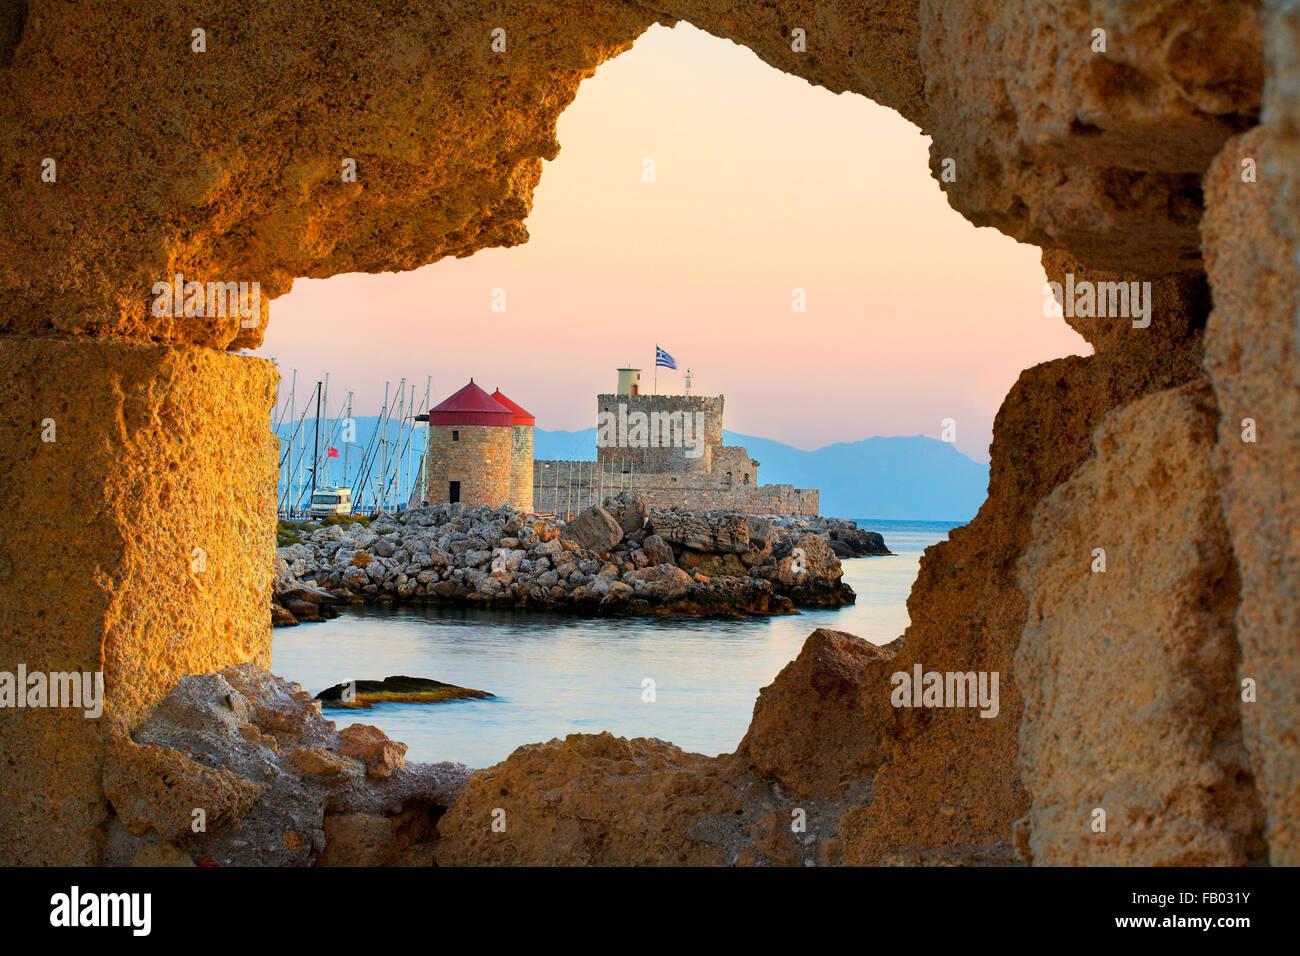 El Castillo y los antiguos molinos de viento en la entrada al puerto de Mandraki en Rodas, Grecia, la UNESCO Imagen De Stock